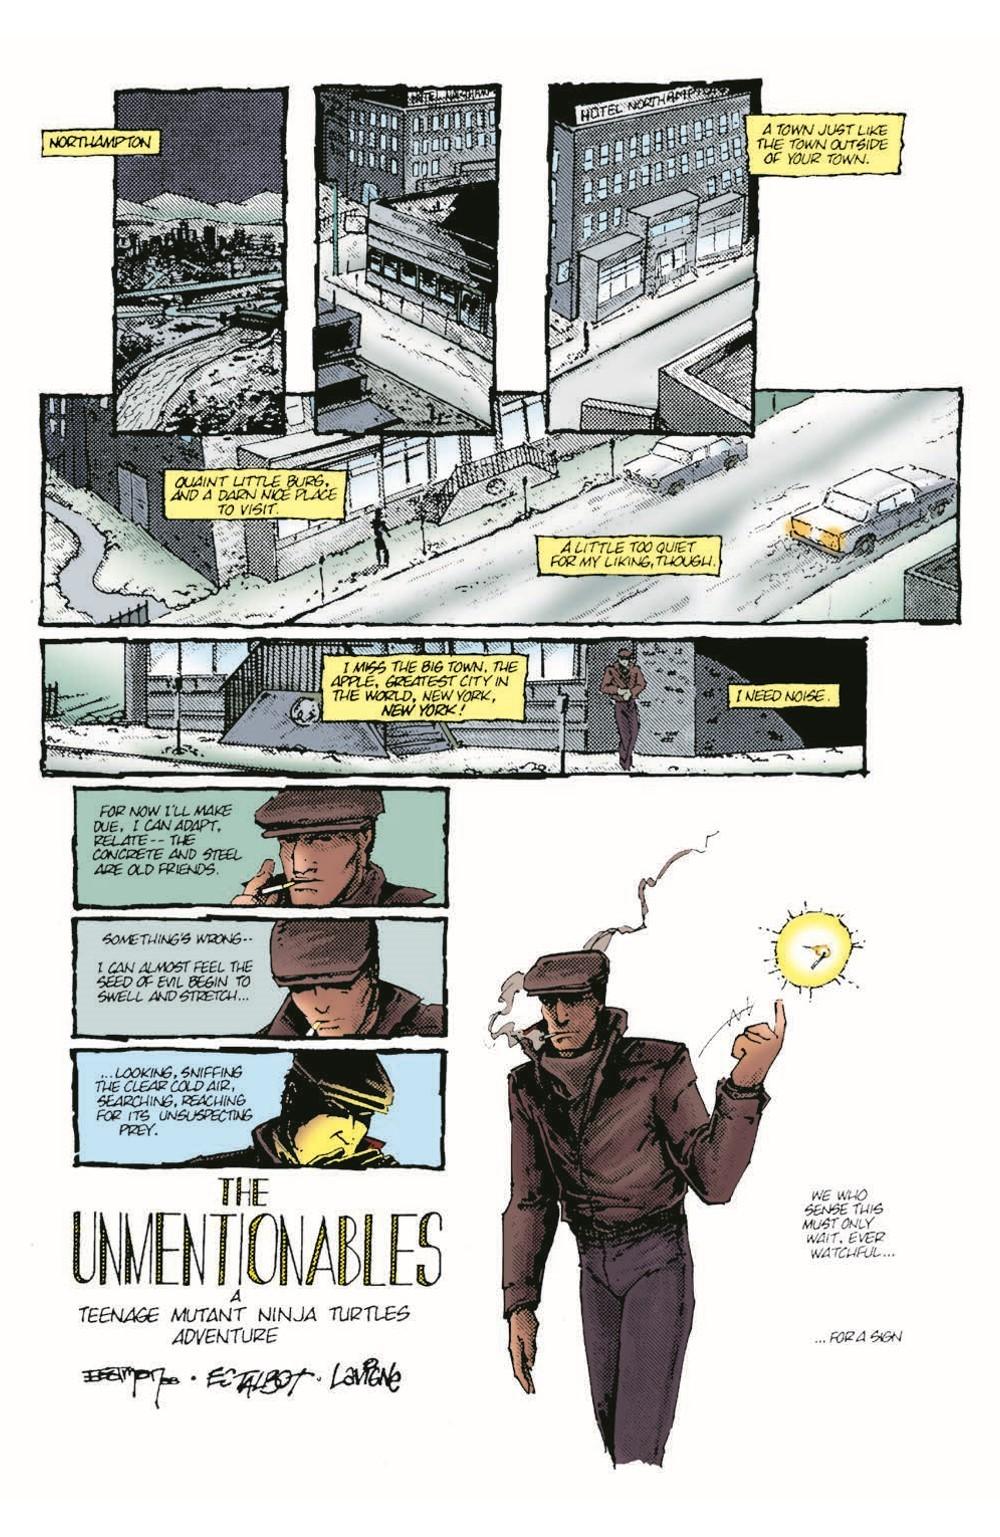 TMNT-Bestof-Casey_pr-4 ComicList Previews: TEENAGE MUTANT NINJA TURTLES BEST OF CASEY JONES #1